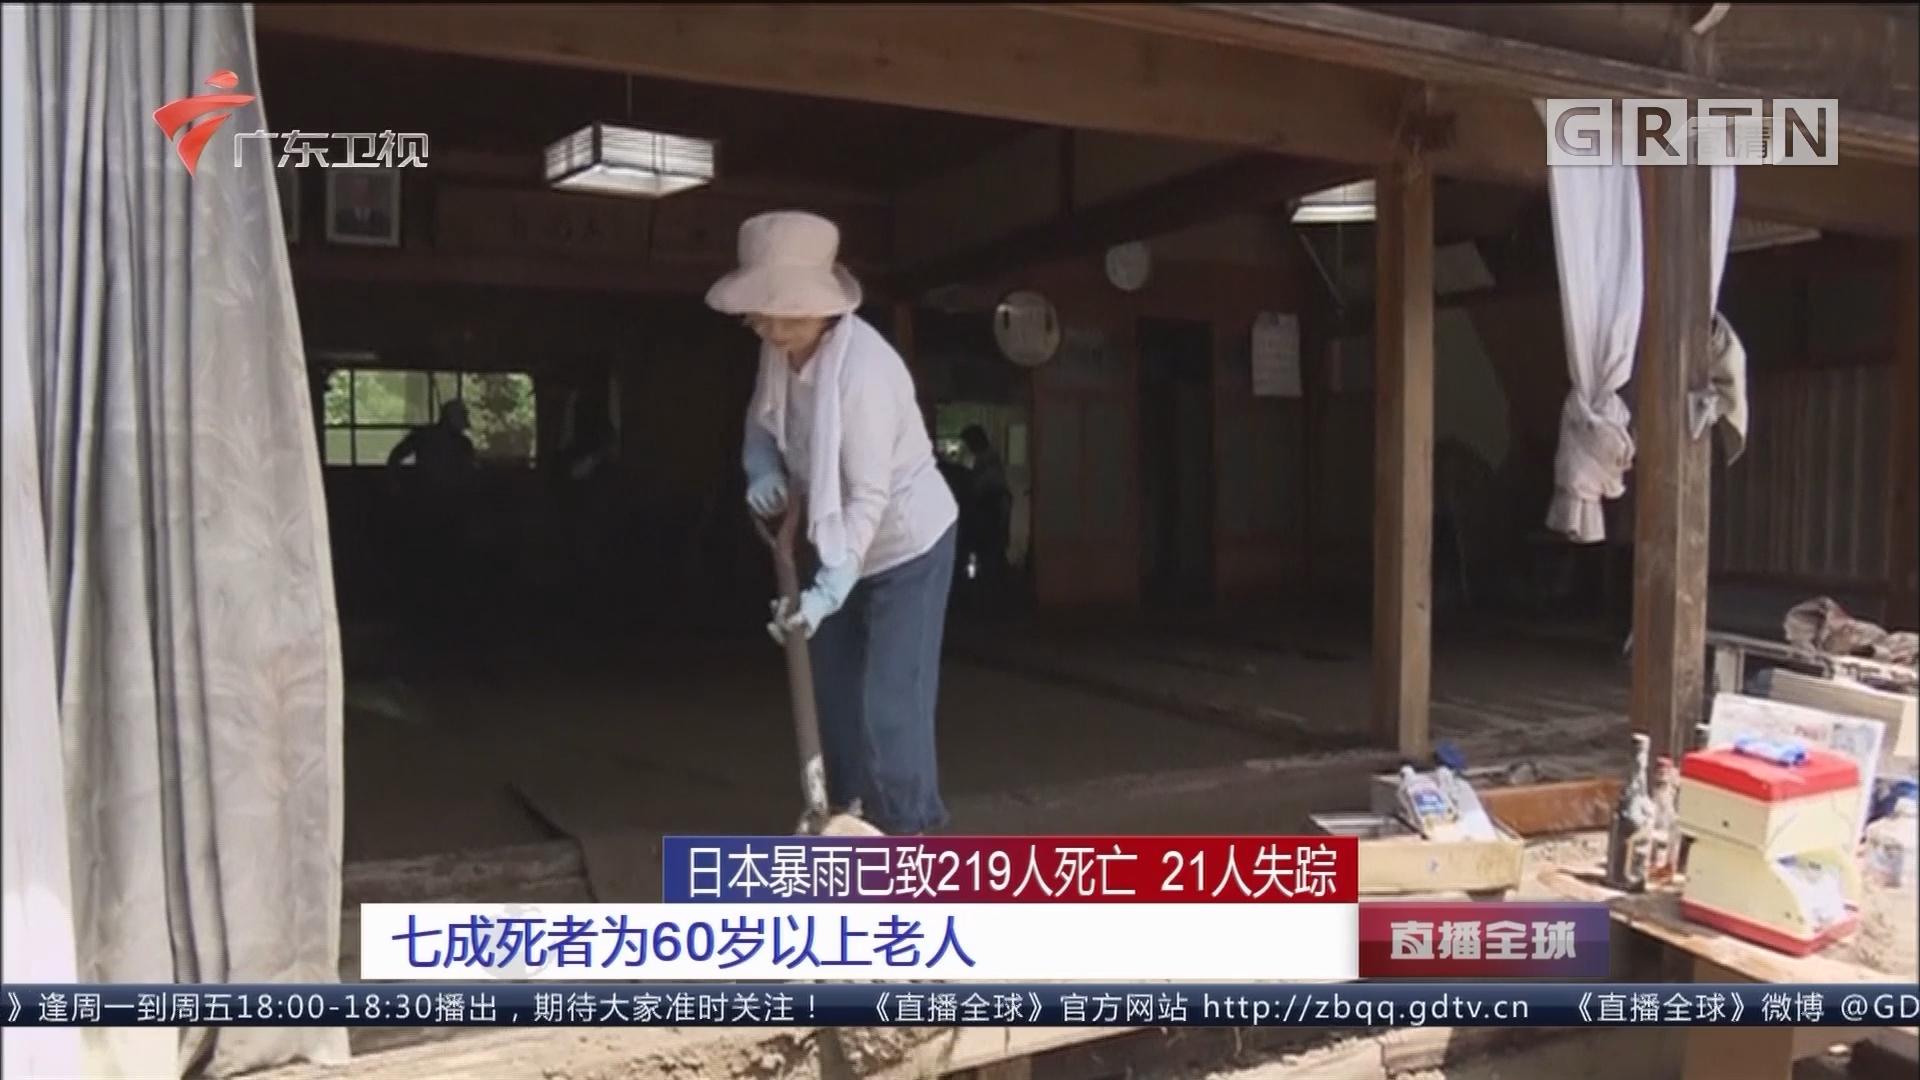 日本暴雨已致219人死亡 21人失踪 七成死者为60岁以上老人